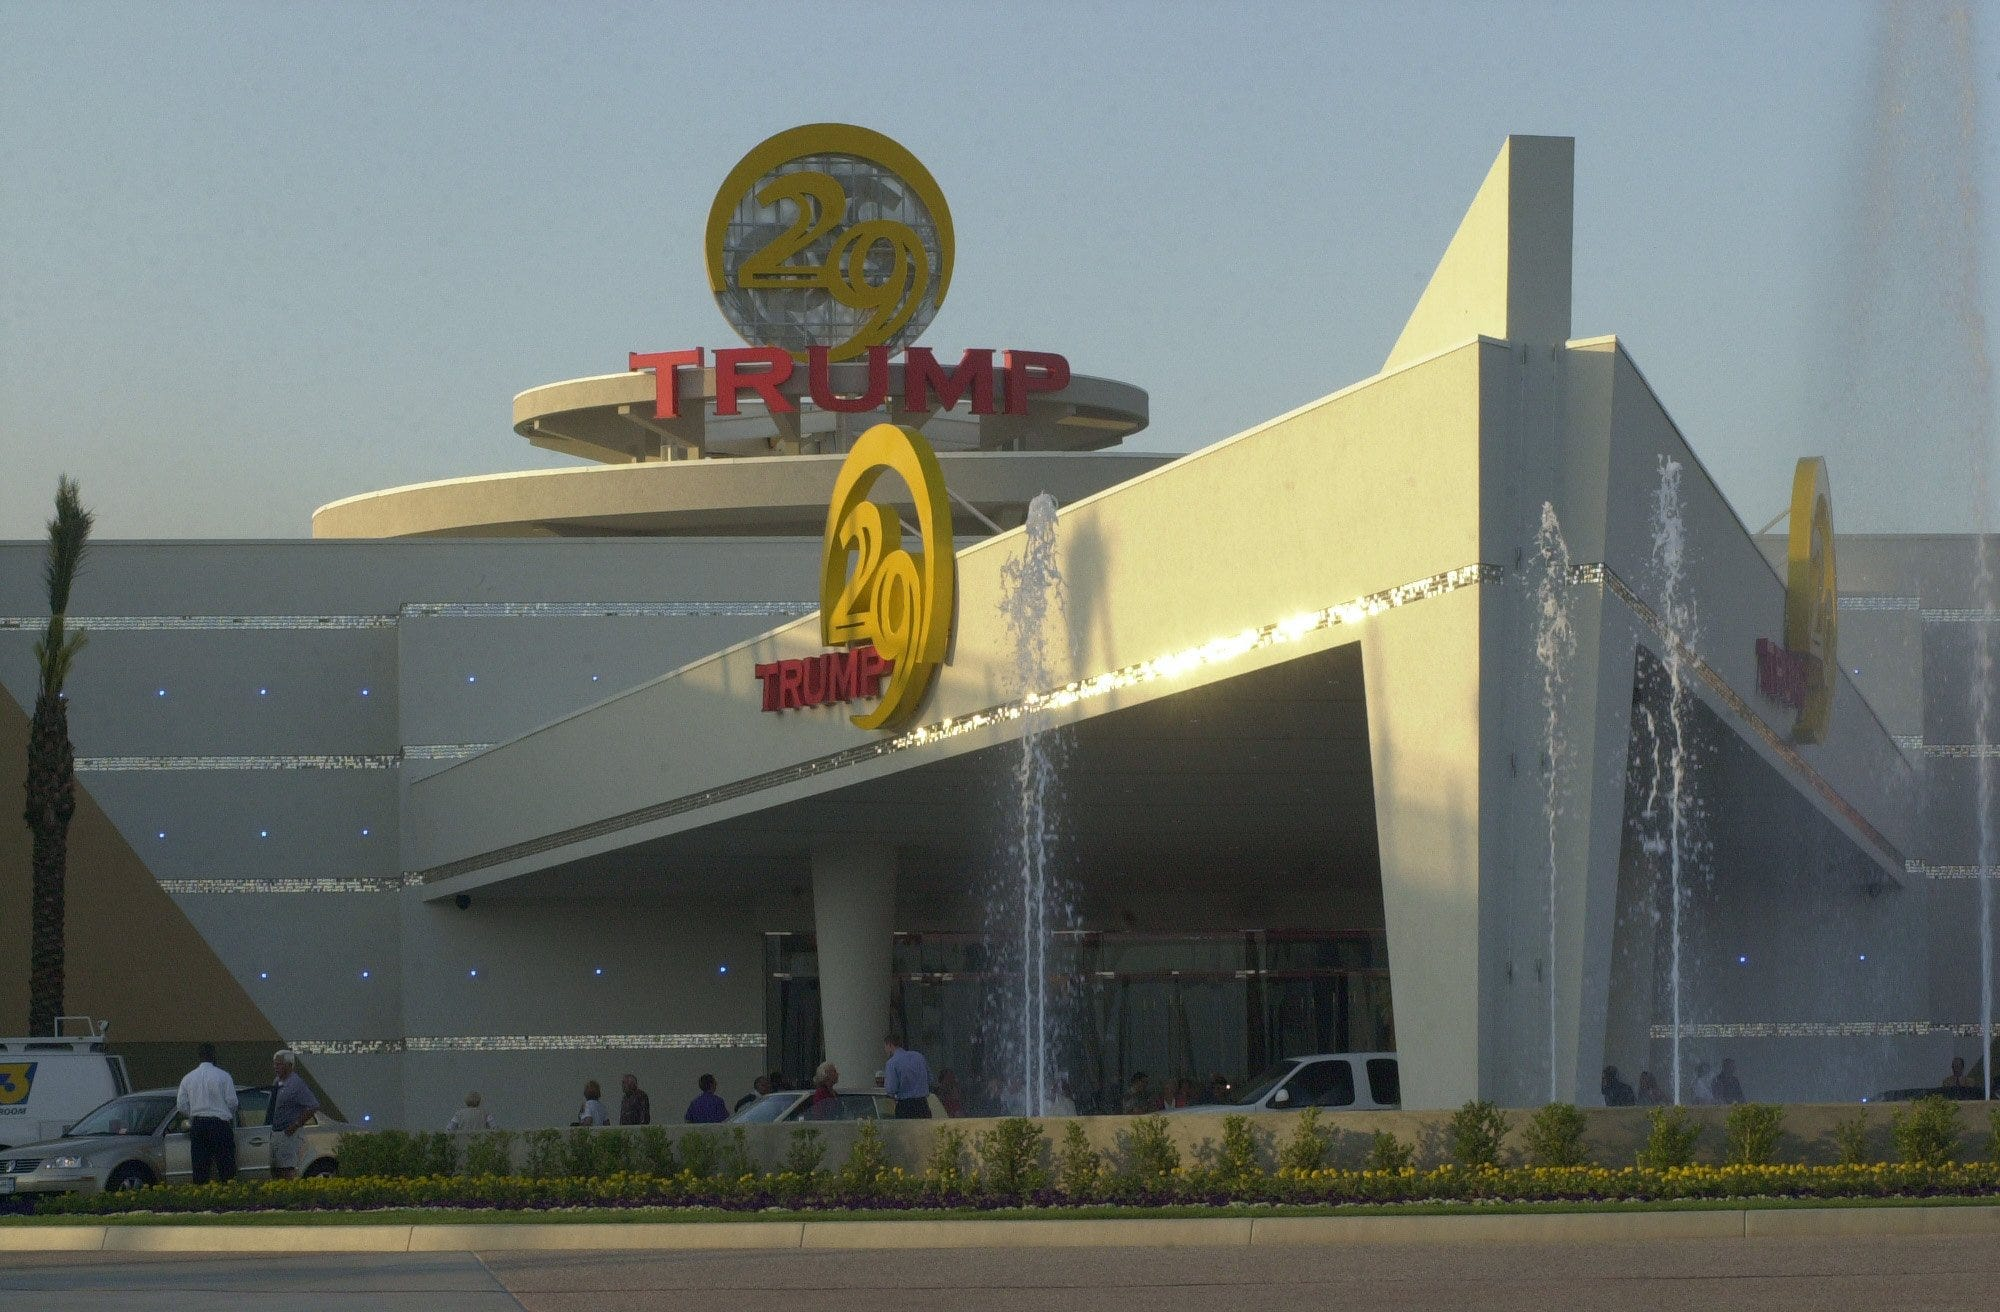 Trump29casino arizona casino coupons